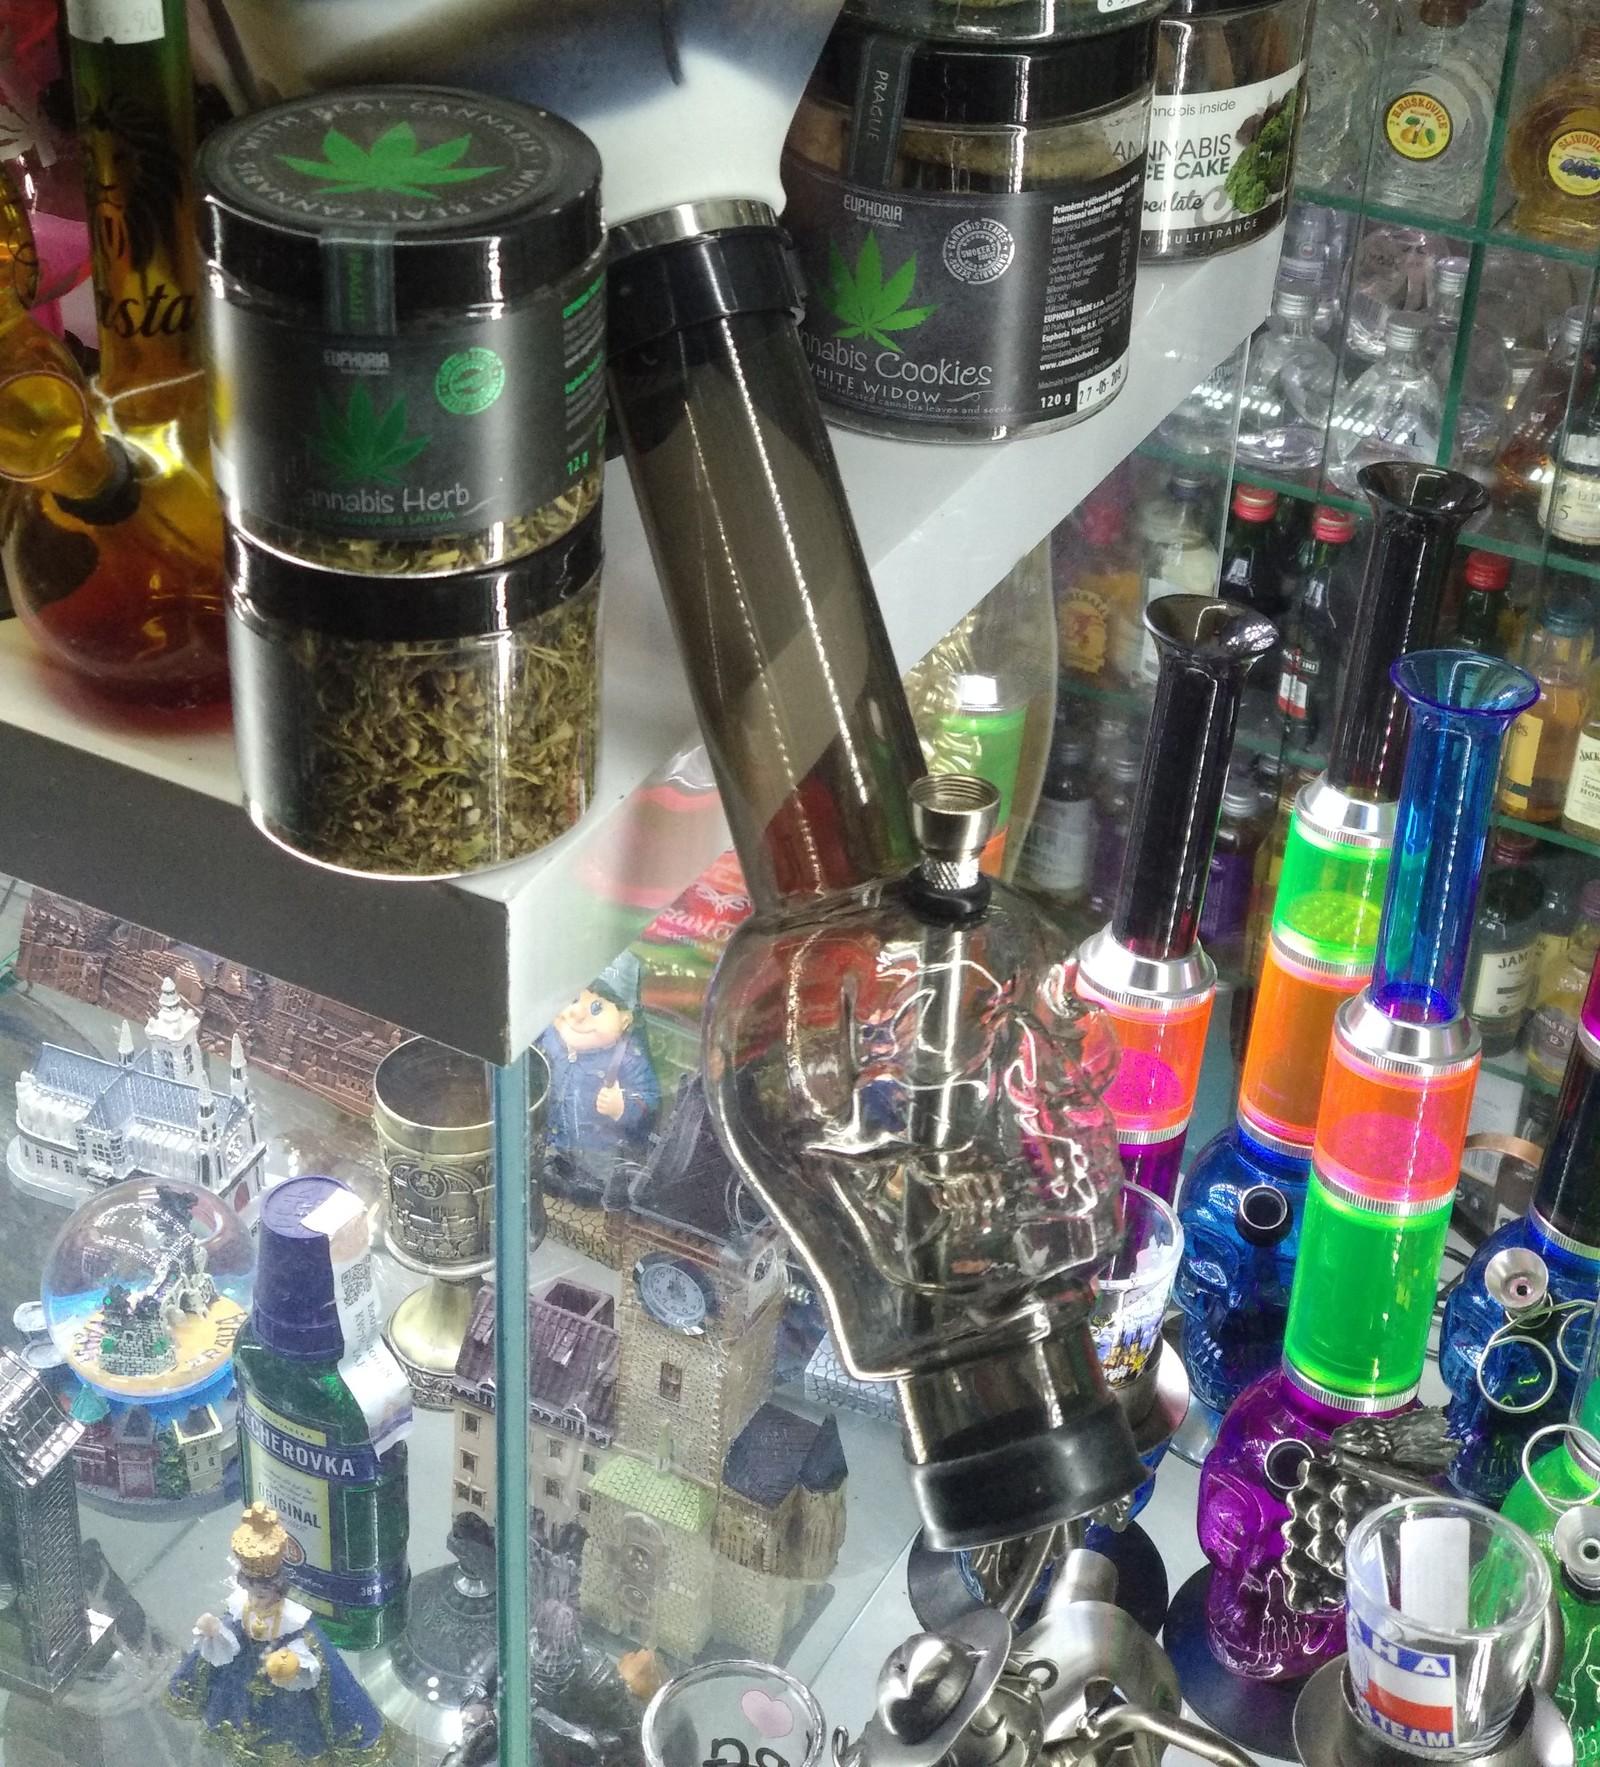 Продукты с марихуаной в праге конопляные семена в медицине